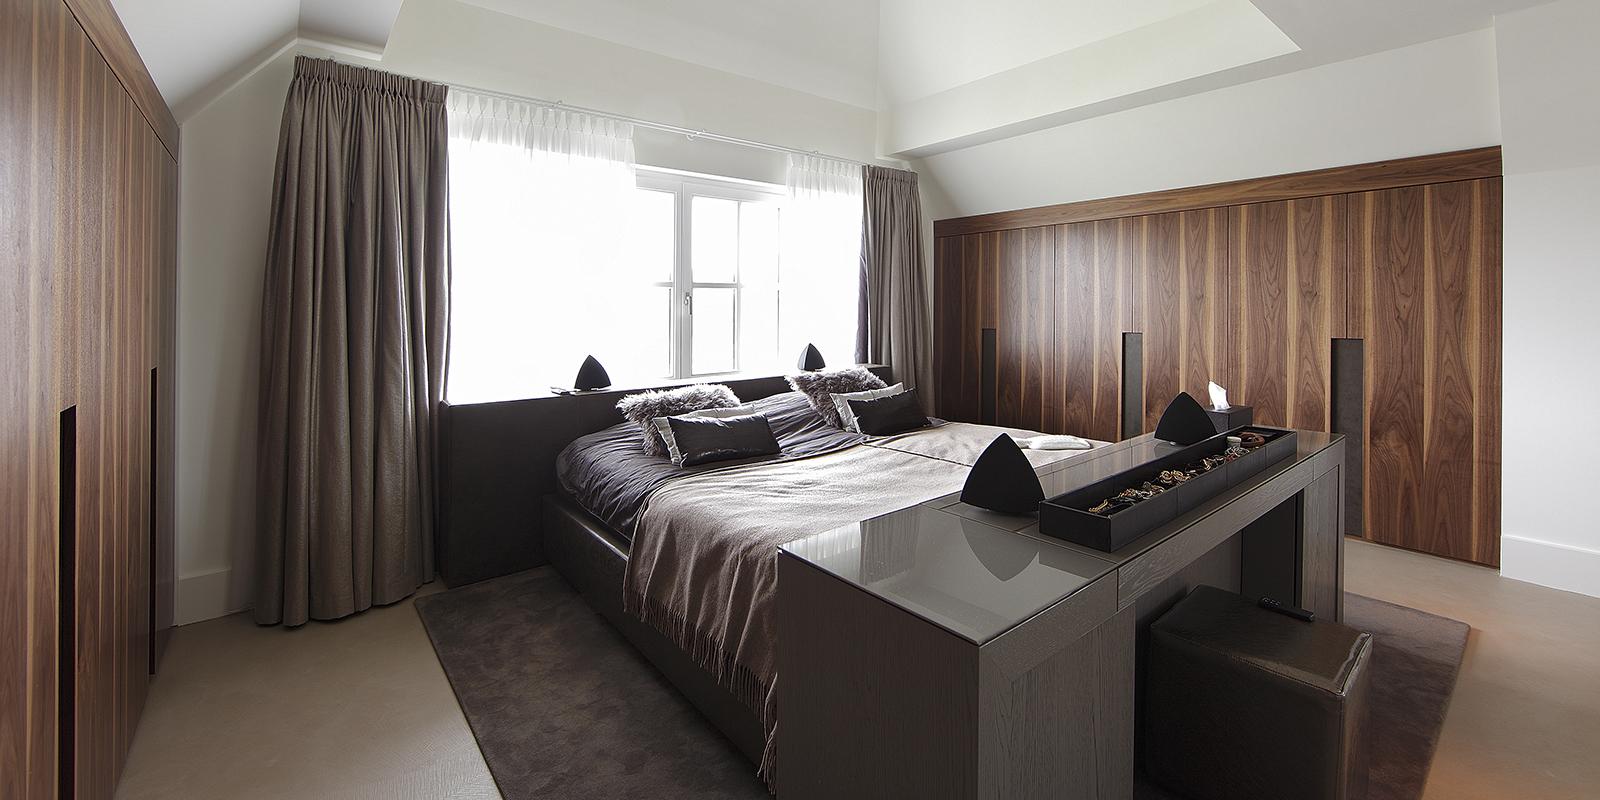 The Art of Living, Exclusief wonen, Welterusten goed slapen VOF, slaapkamer, design, interieur, bed, luxe, comfort, inspiratie, gordijnen, houten kast, vloerkleed, decoratie